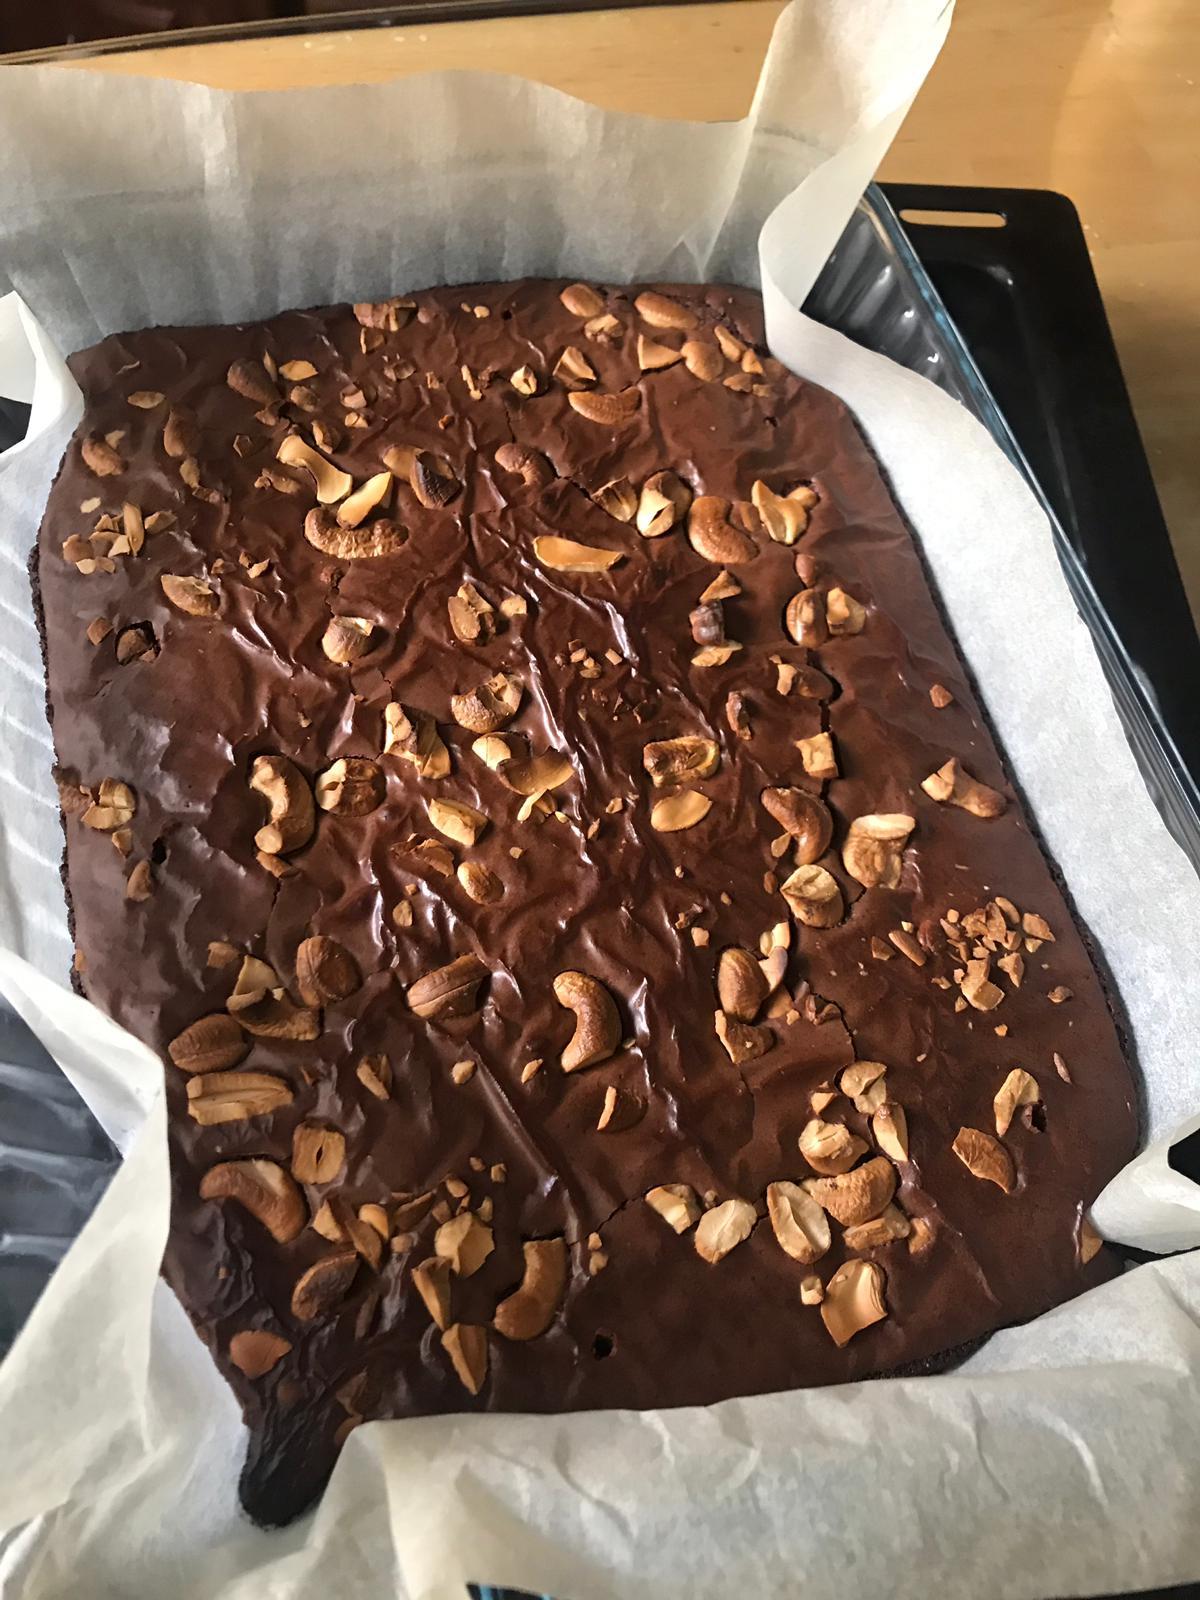 2019-06-10 - brownies by stephie